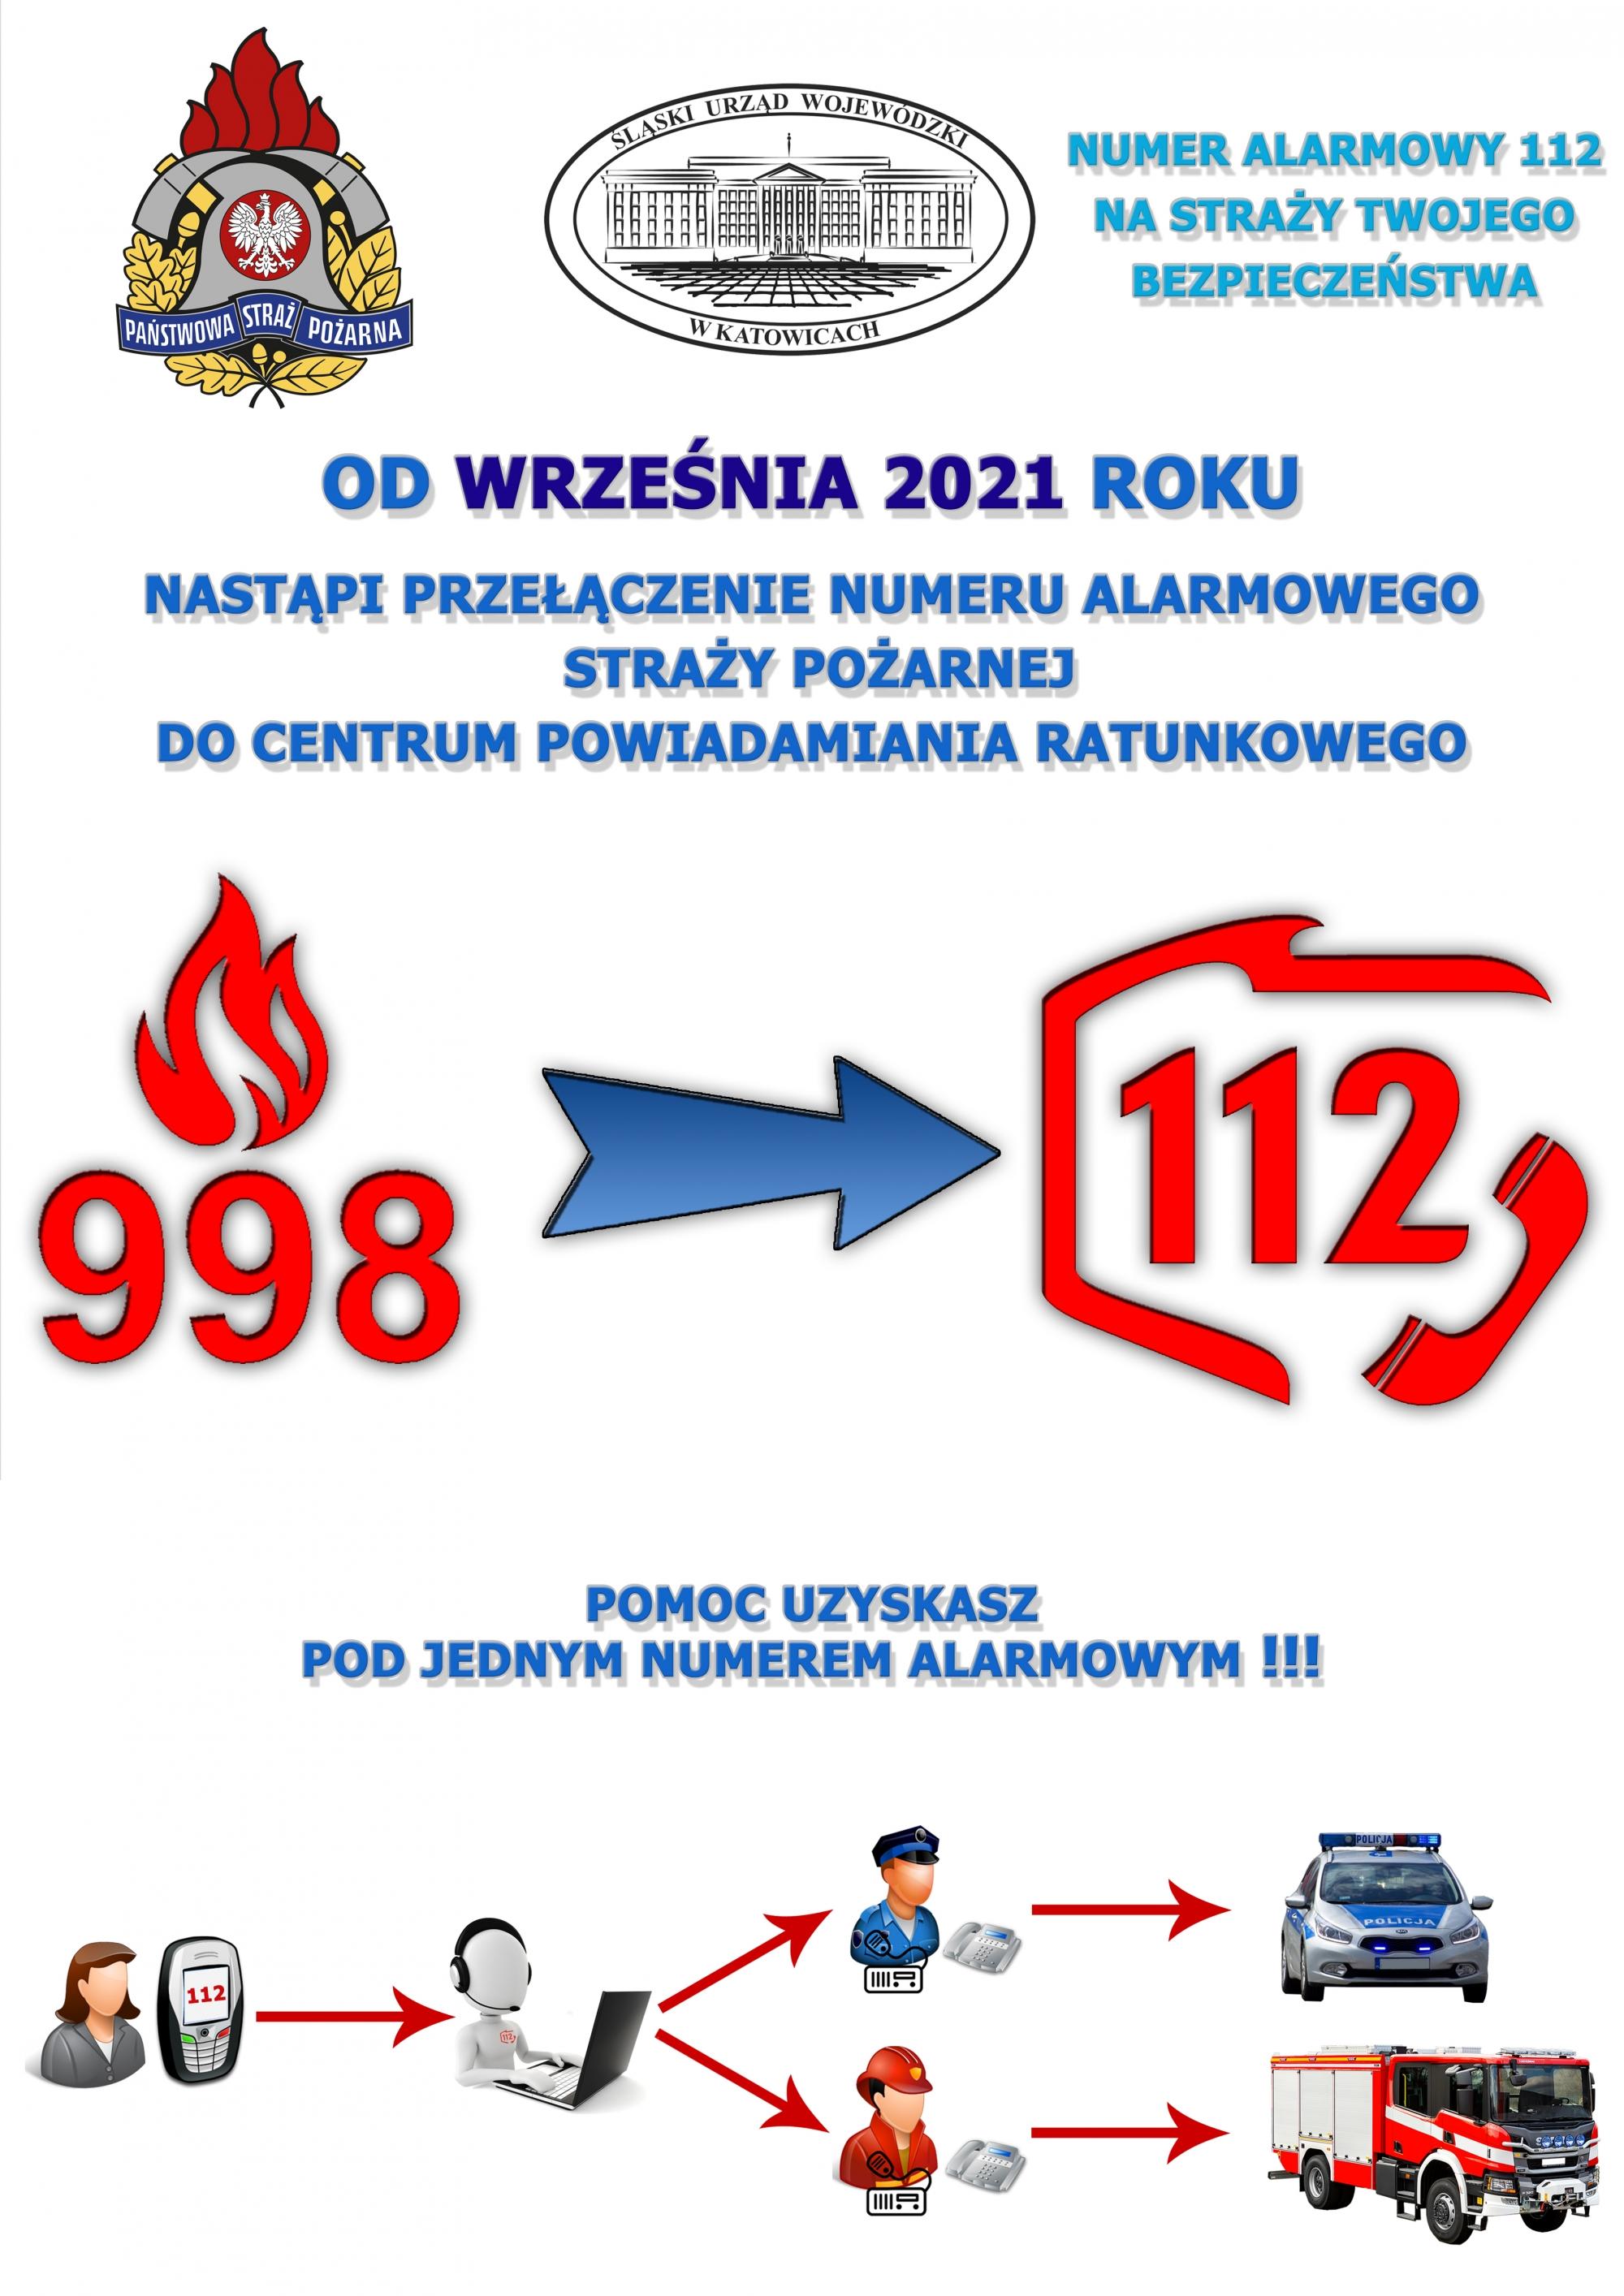 plakat_przeczenie_998_do_112